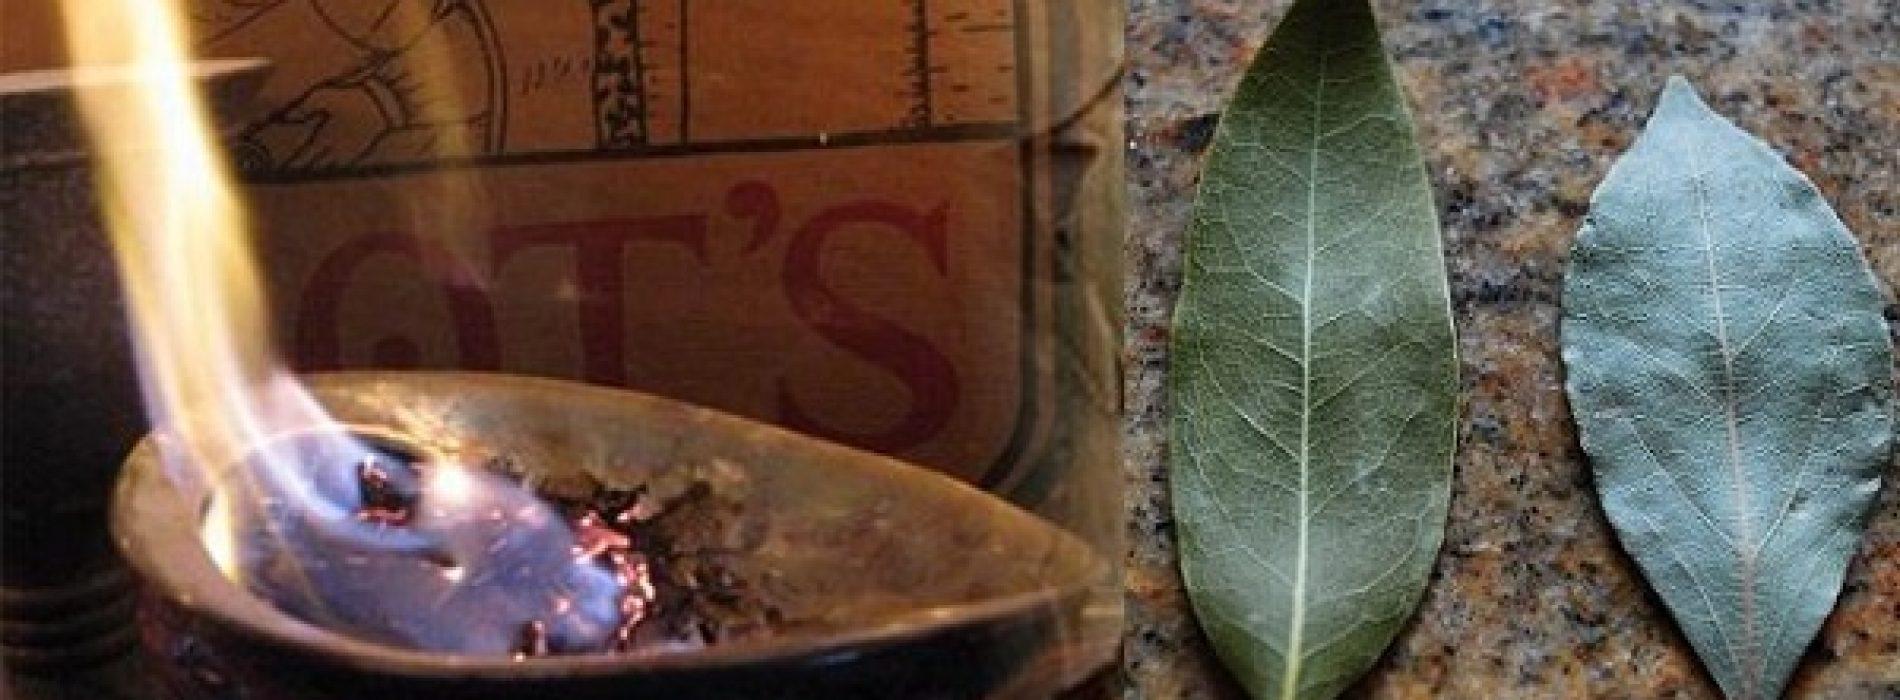 Verbrand laurierblaadjes in je huis en geniet van drie heilzame gezondheidseffecten!